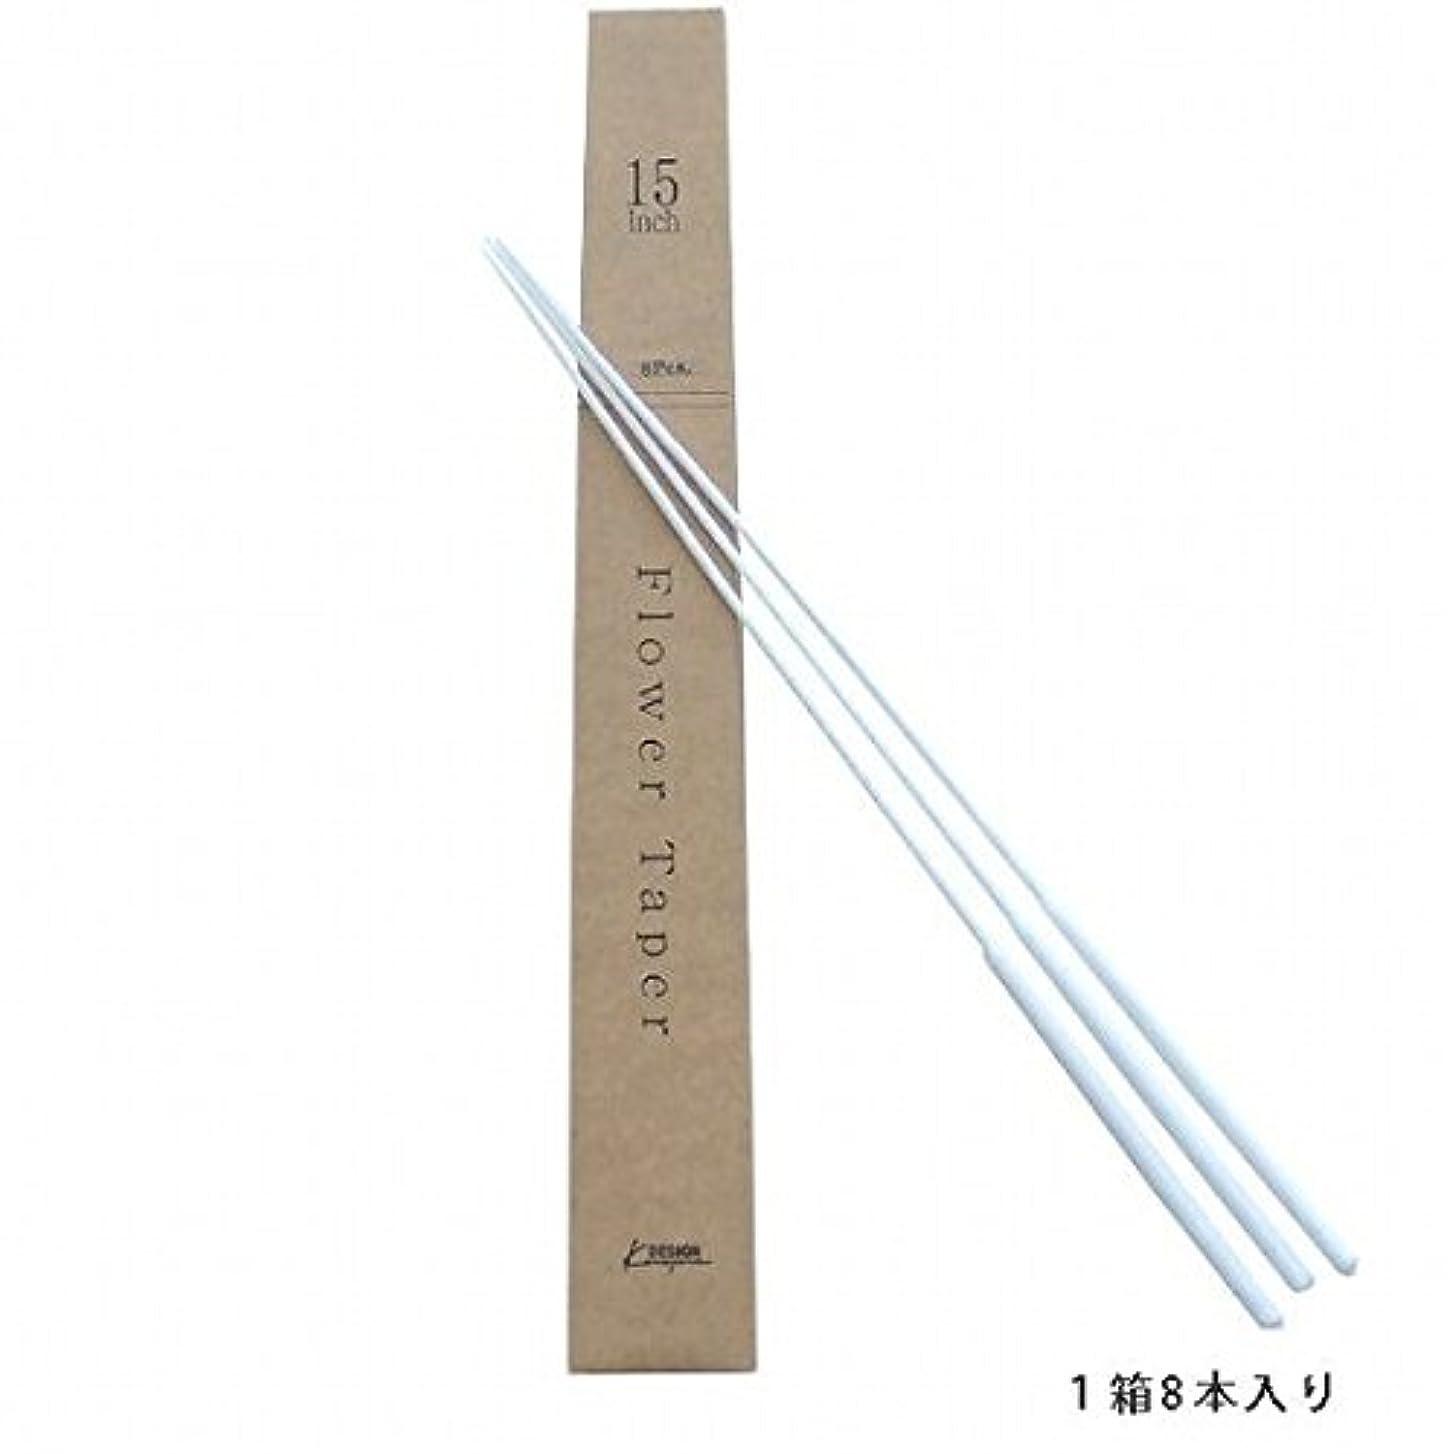 重々しい繰り返す採用するkameyama candle(カメヤマキャンドル) 15インチトーチ用フラワーテーパー 8本入 「 ホワイト 」(71839998W)